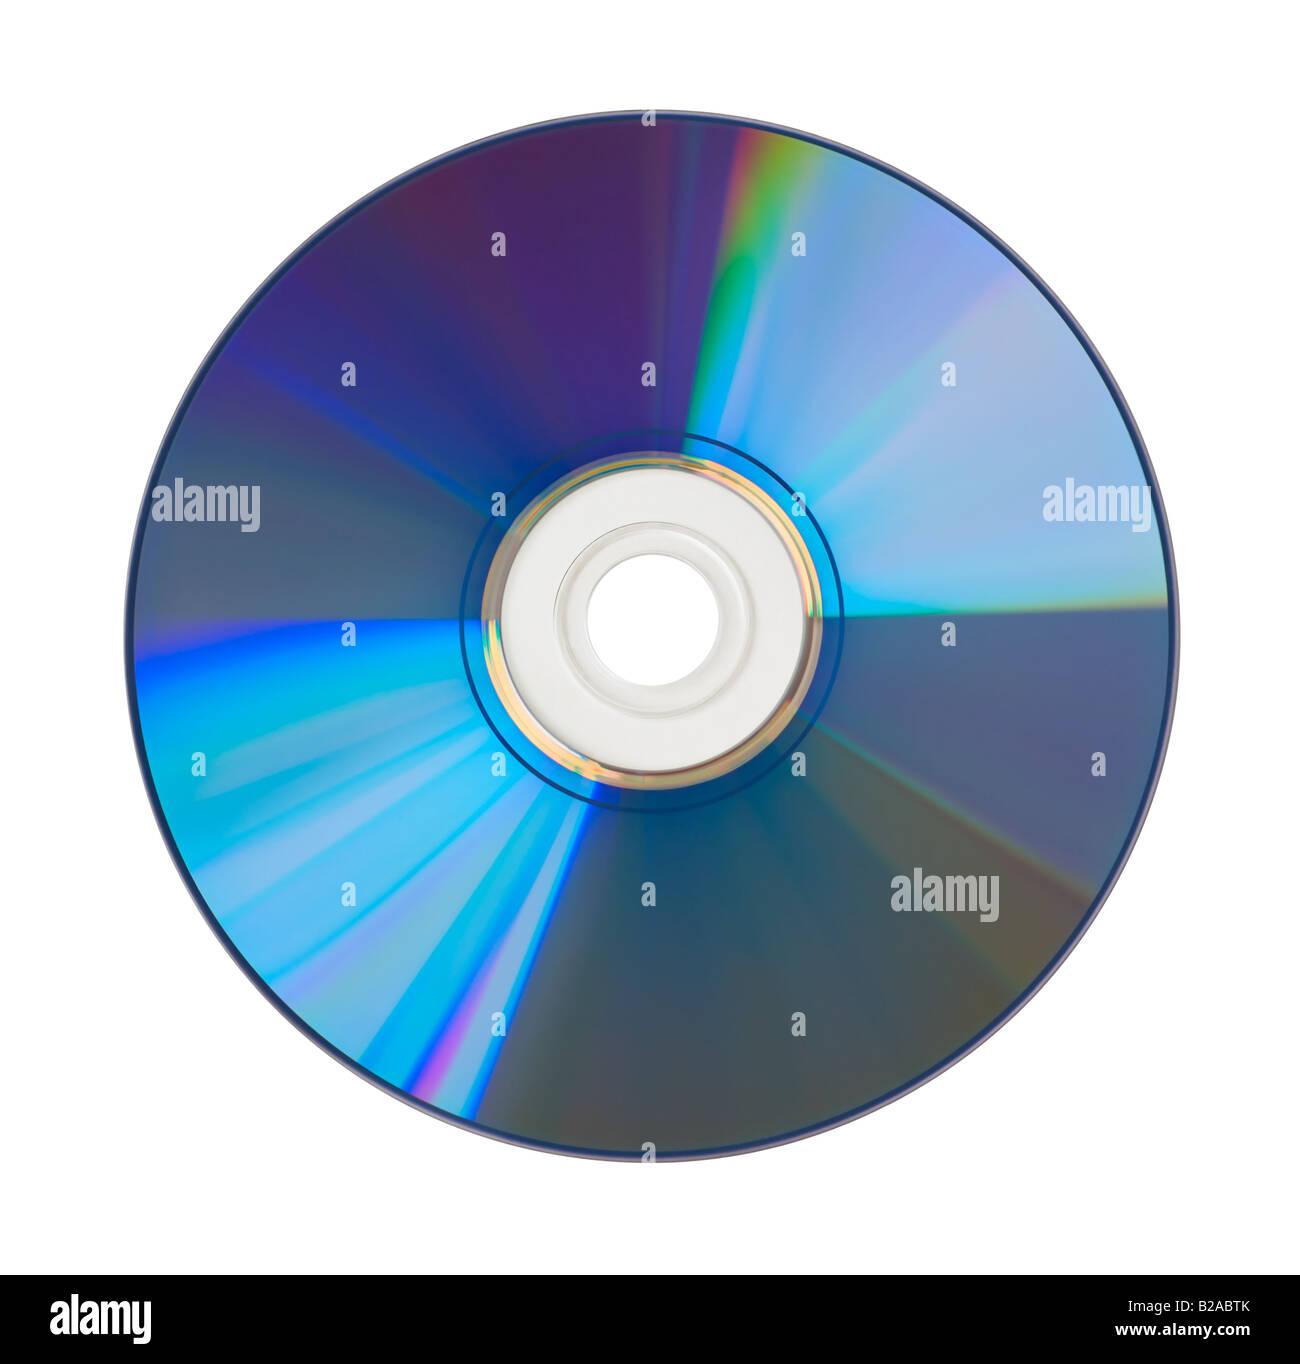 CD DVD isolati su sfondo bianco Immagini Stock